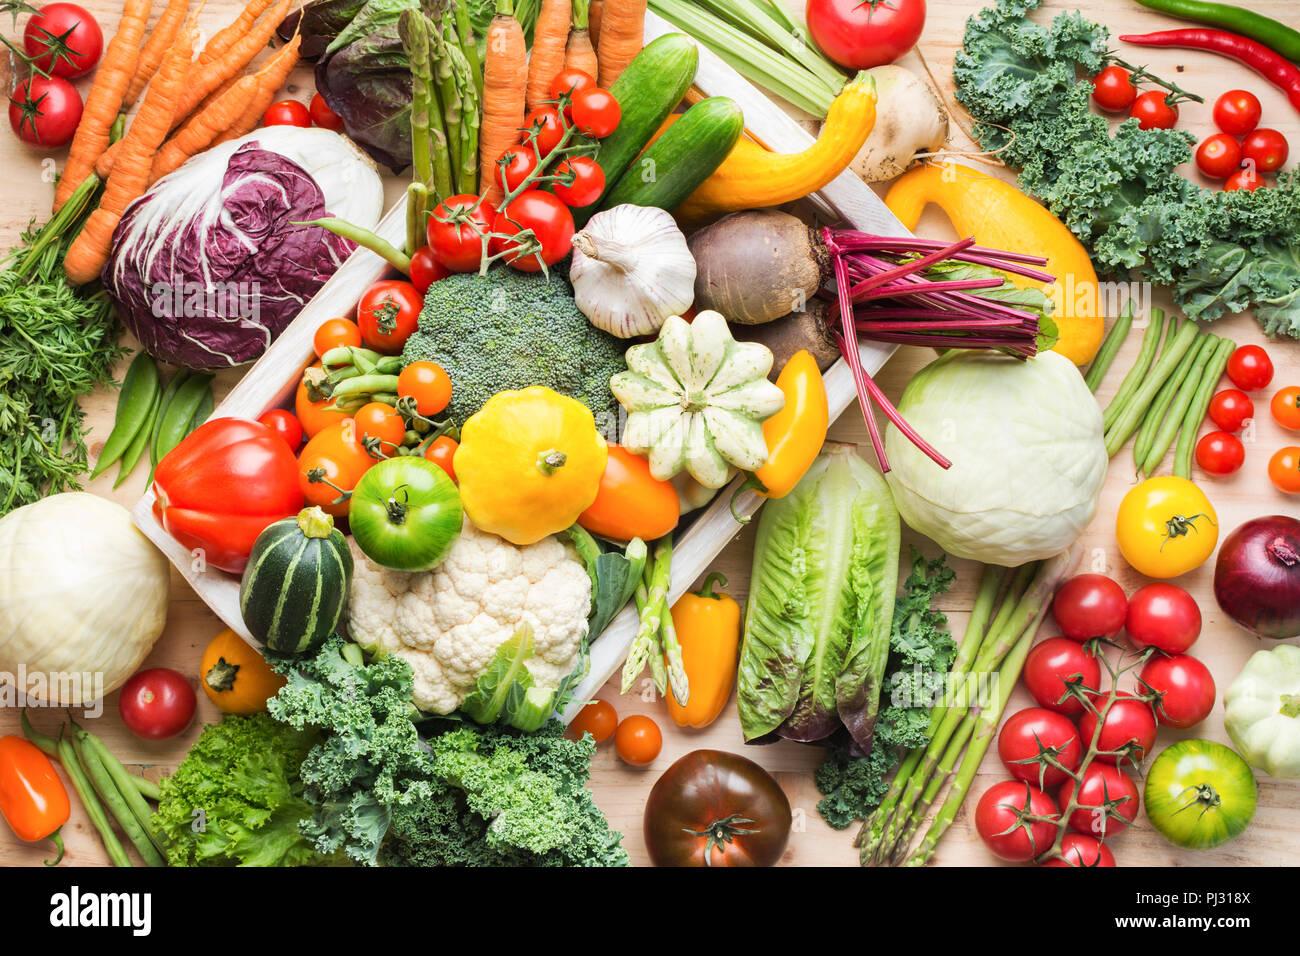 Sortiment an frischen bunten Bio Gemüse in Weiß Fach auf Holz Kiefer Tisch, essen Hintergrund, Ansicht von oben, selektiver Fokus Stockbild